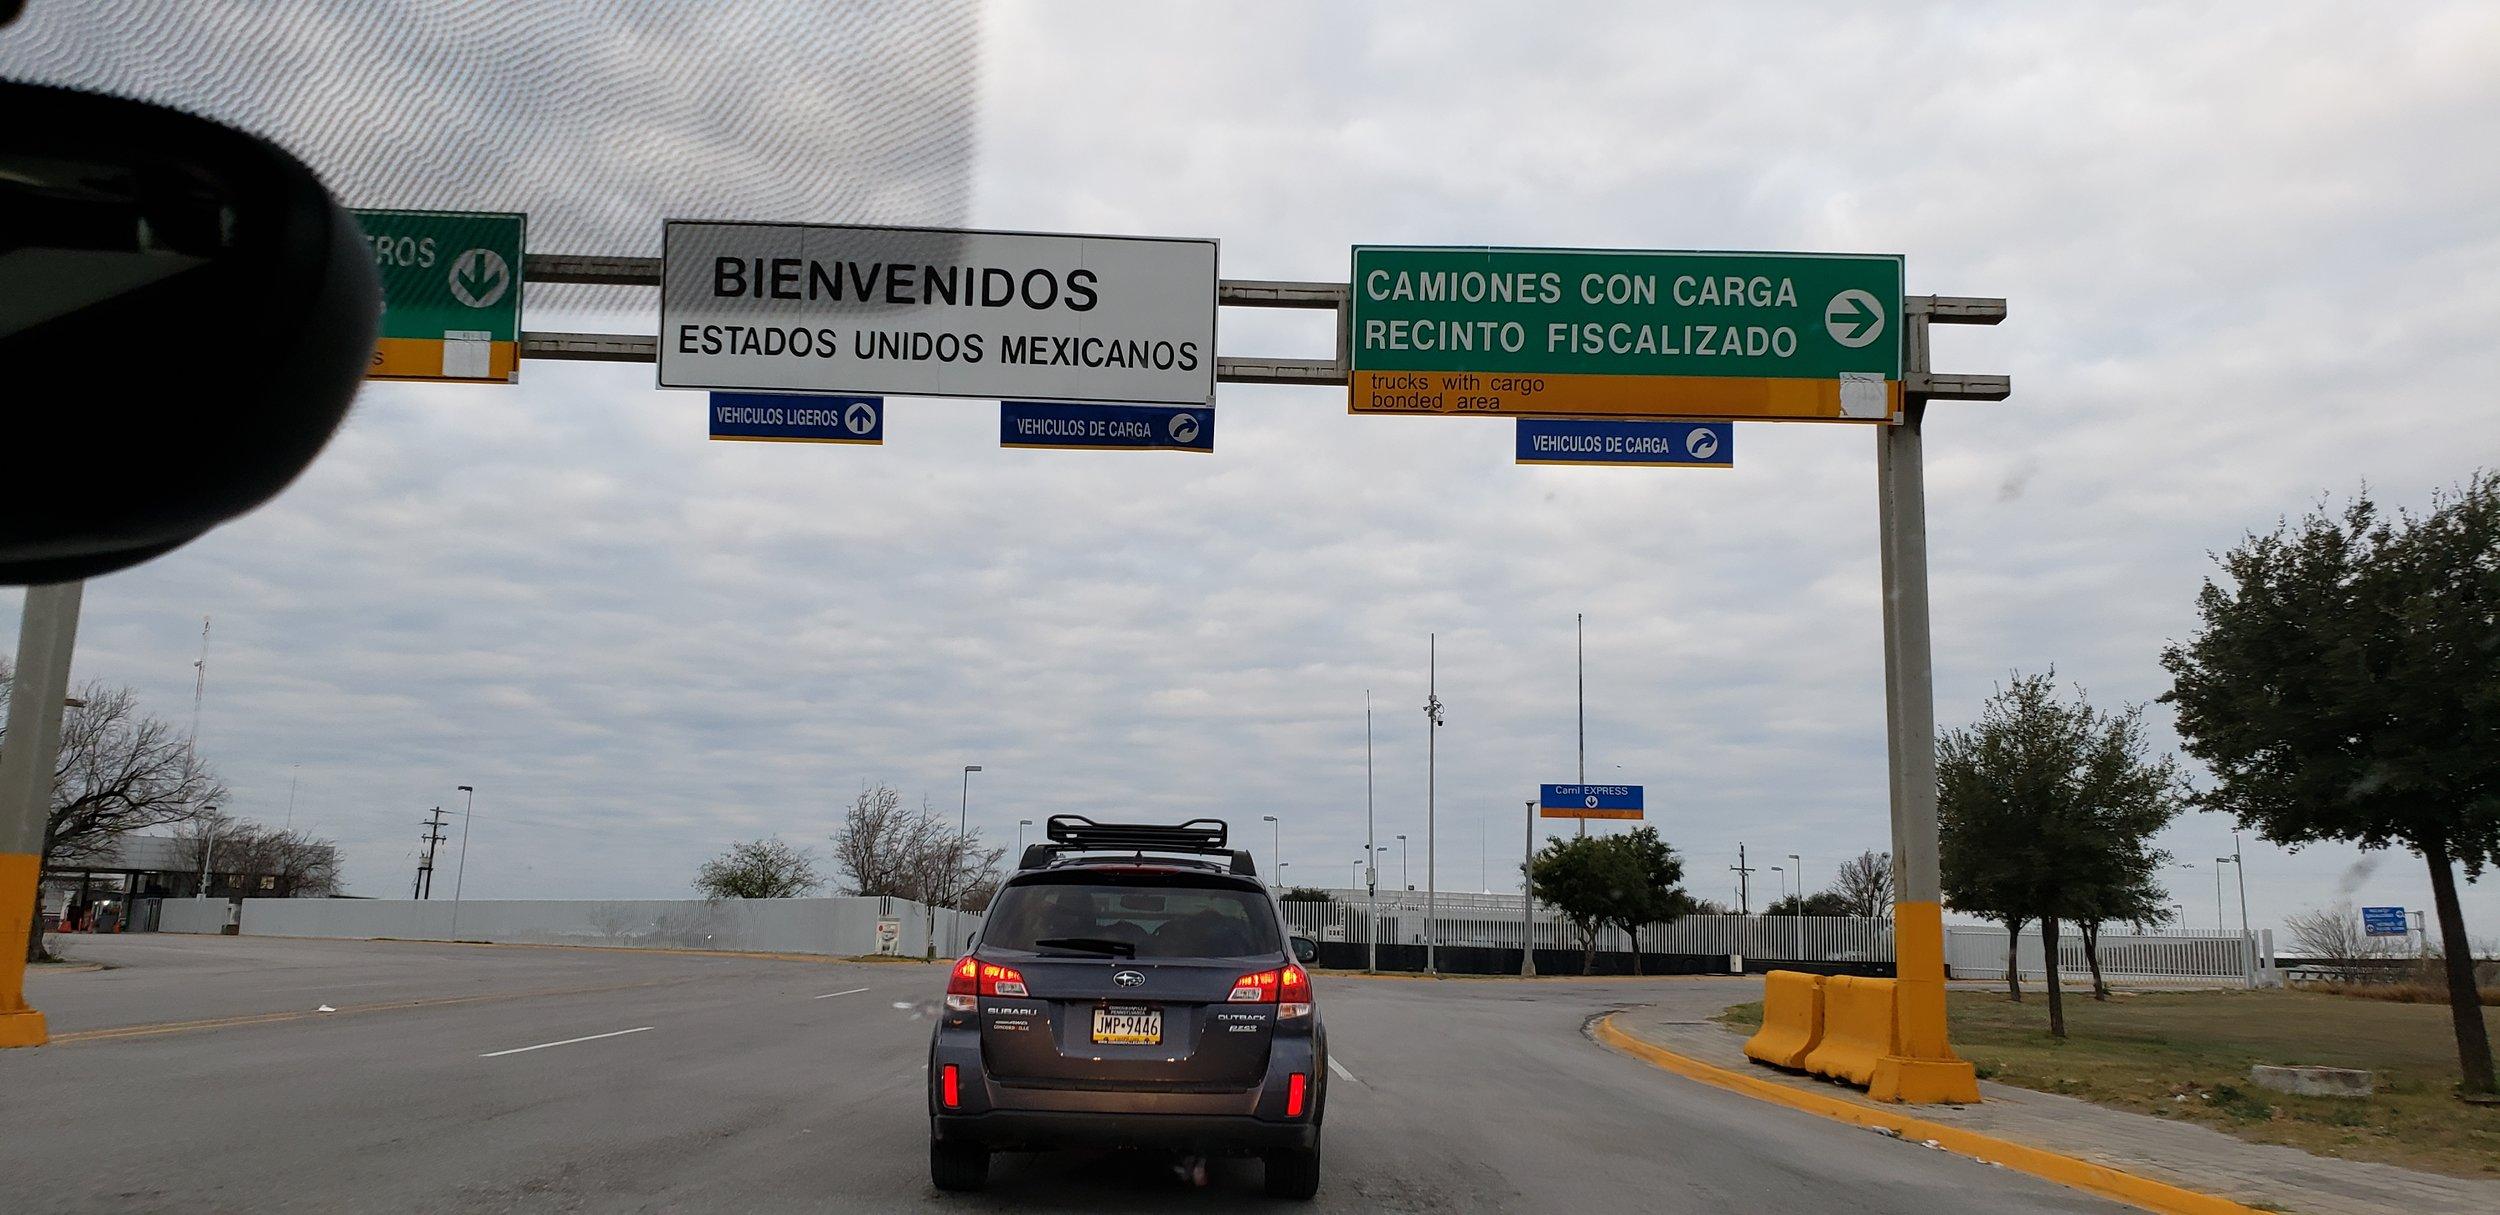 Following Bob and Caroline at the border